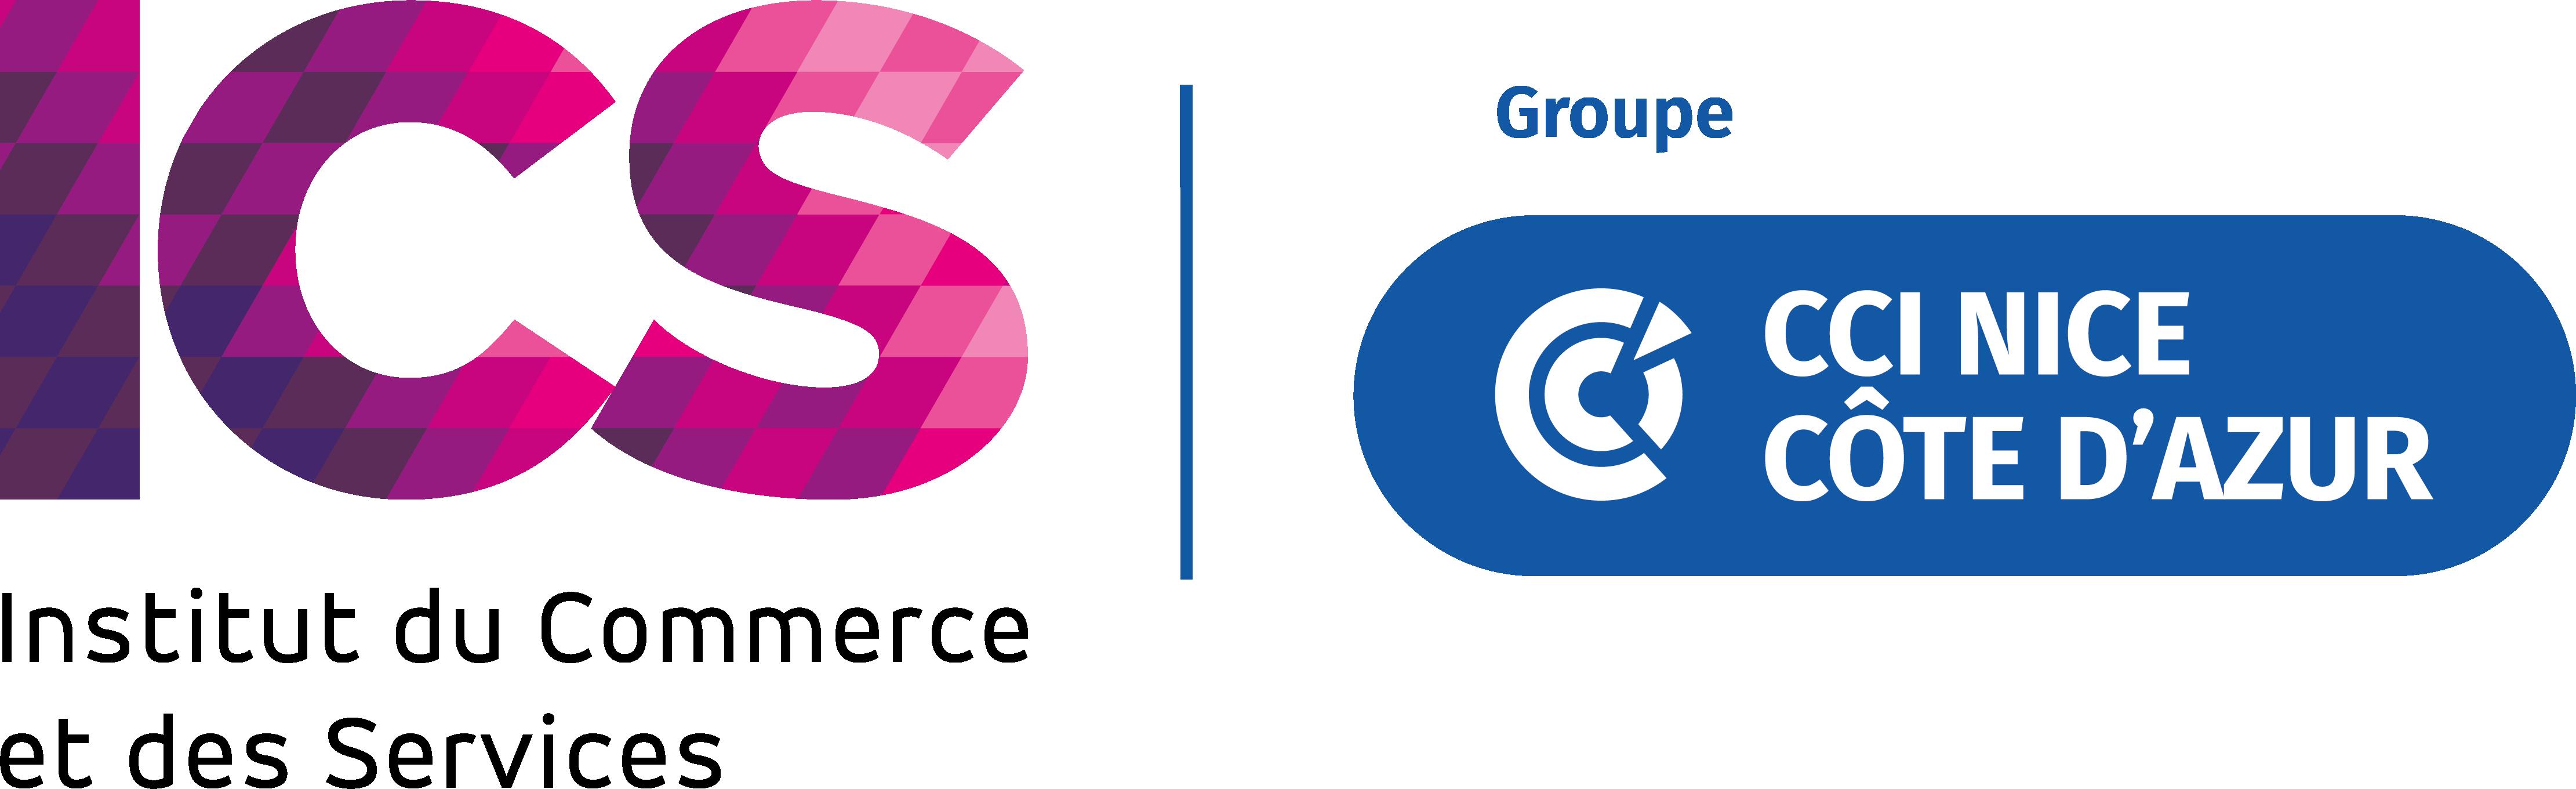 Logo ICS - Institut du Commerce et des Services